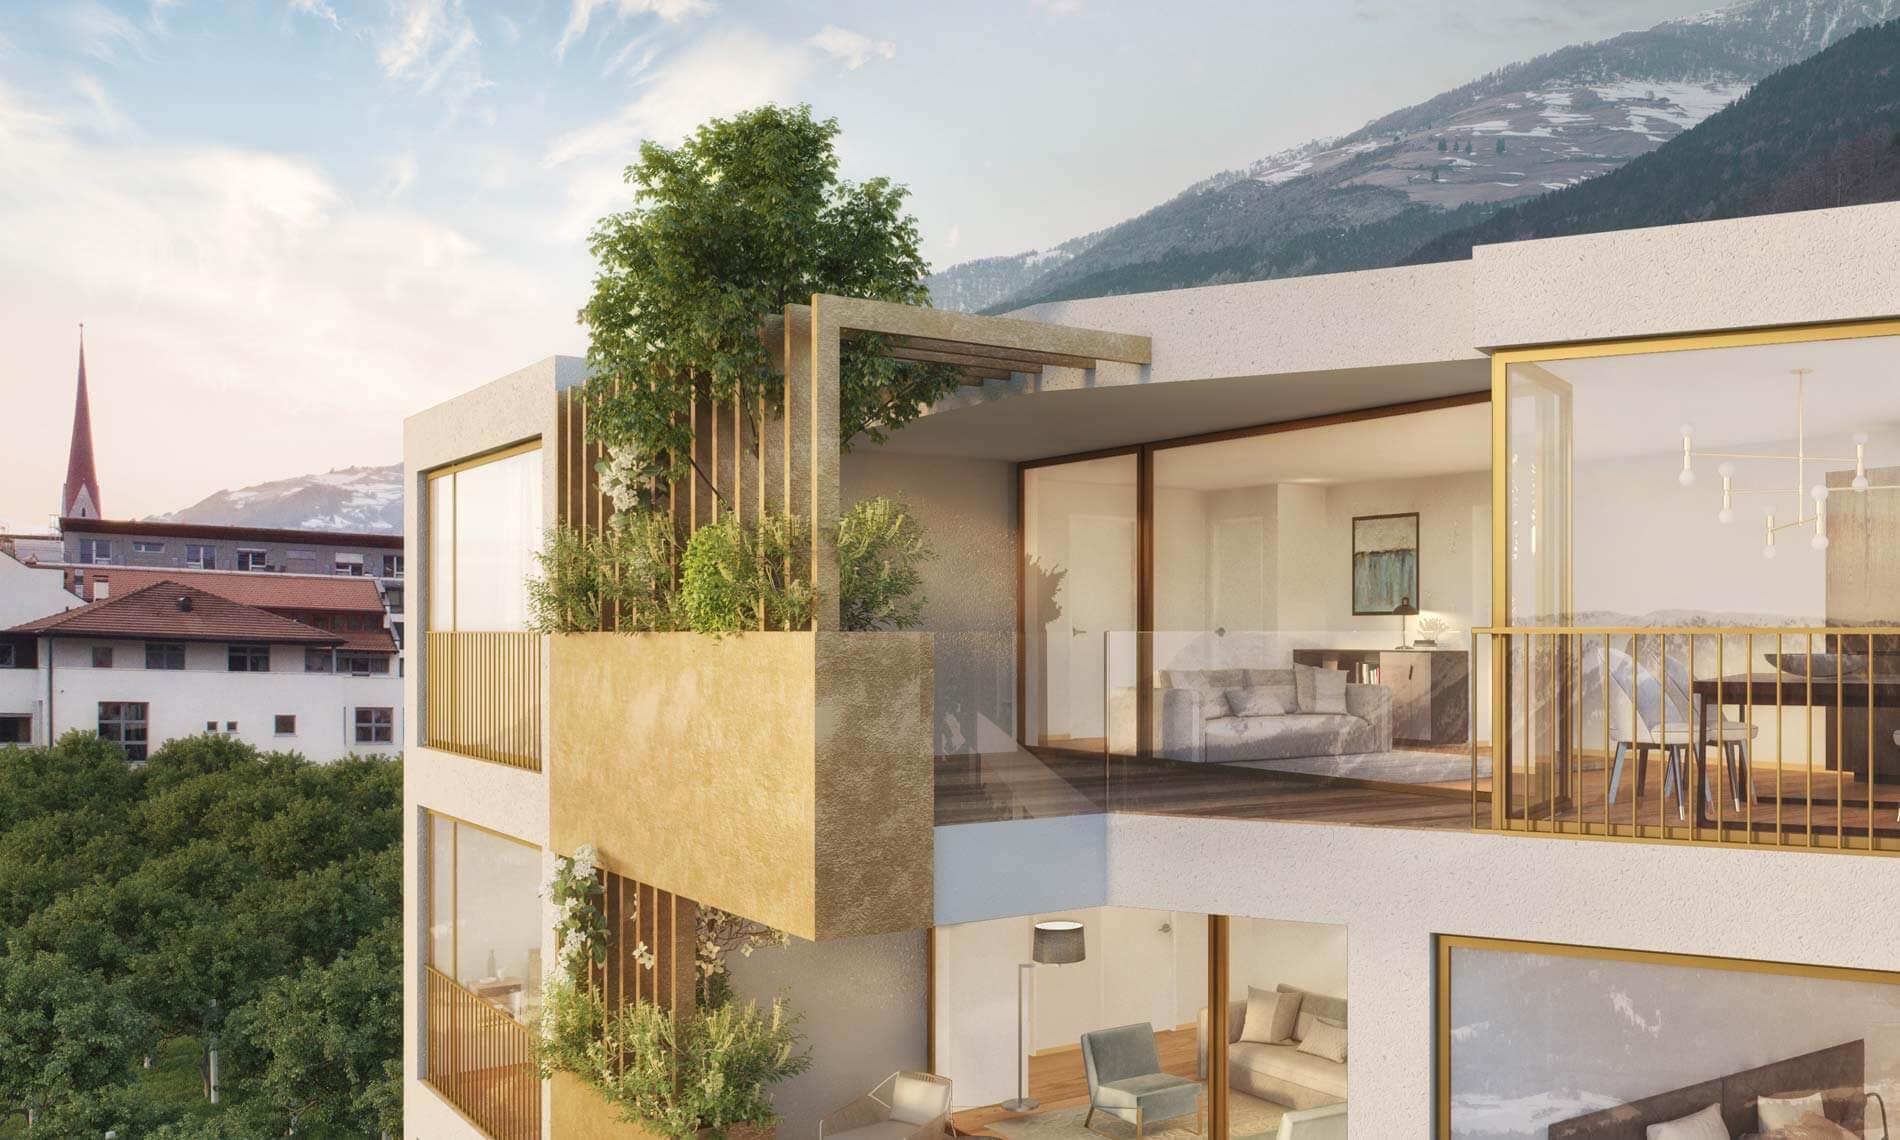 Visualisierung Detailansicht Penthouse-Wohnung mit begrünter Loggia Apfelanger Schlanders